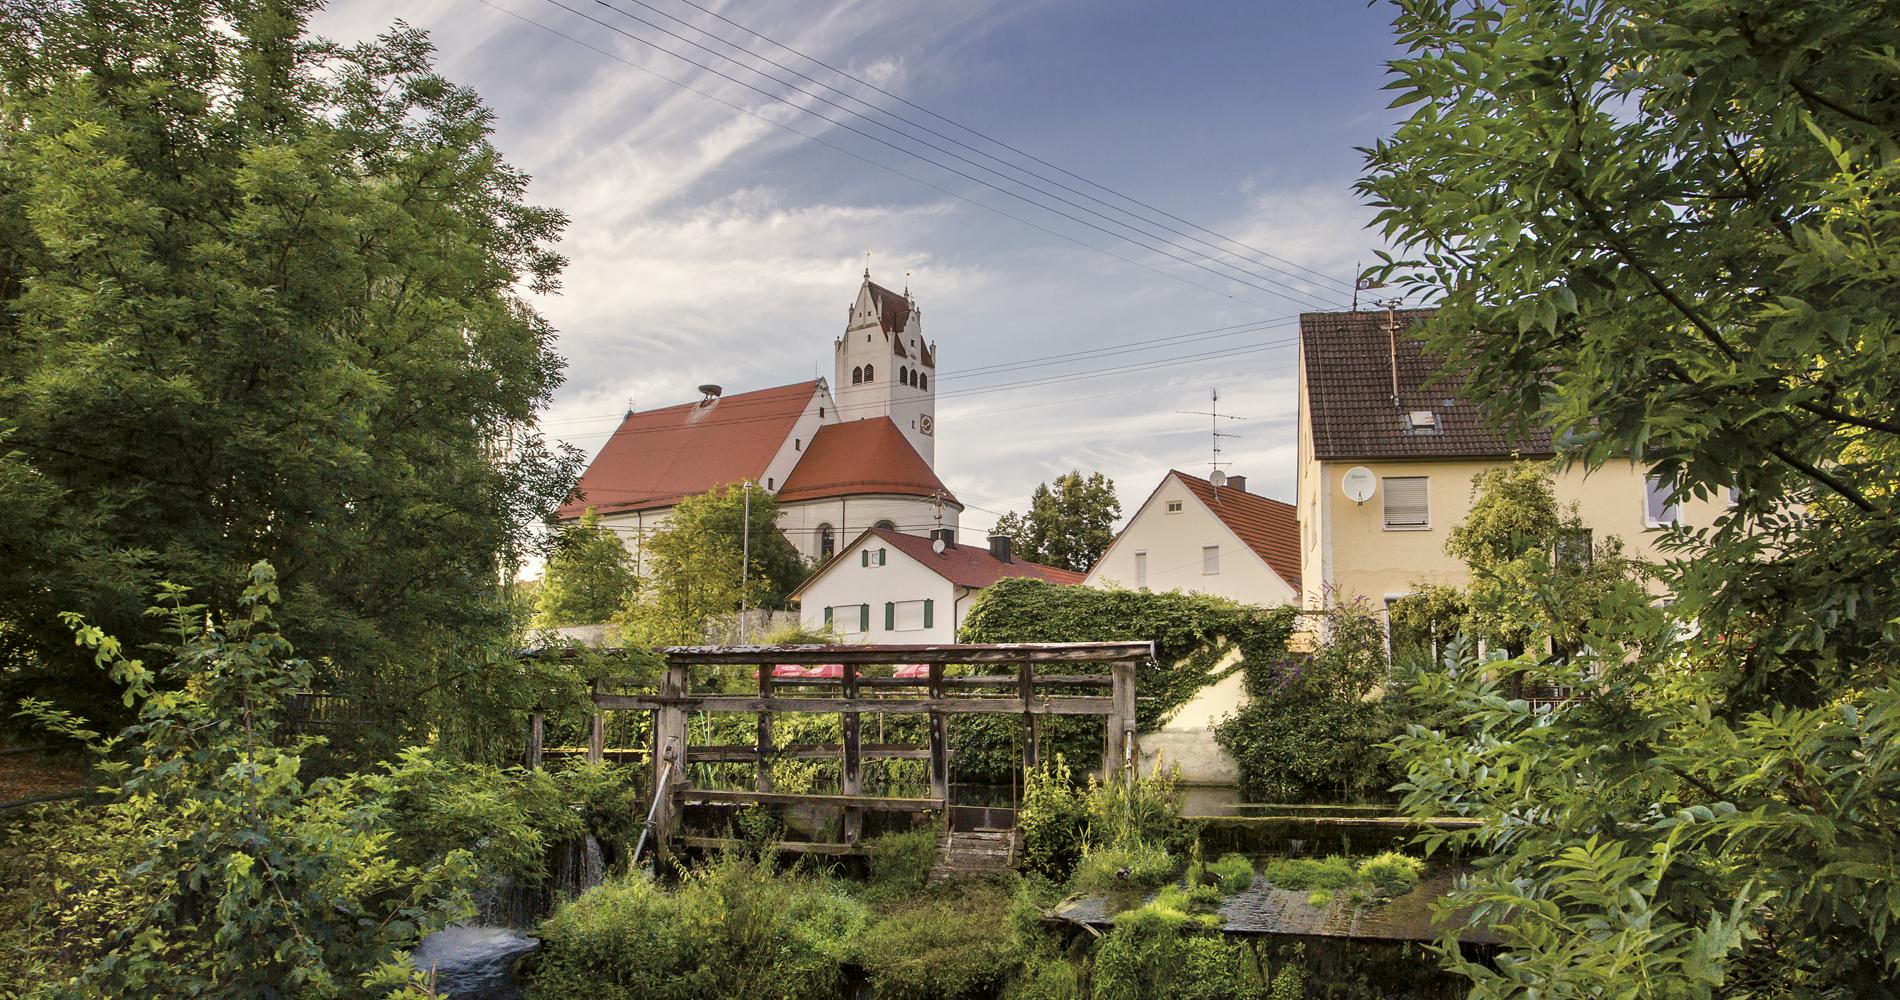 Ab 1803 gehört Wittislingen endgültig zu Bayern, nachdem es 1505 an Pfalz-Neuburg gefallen war.